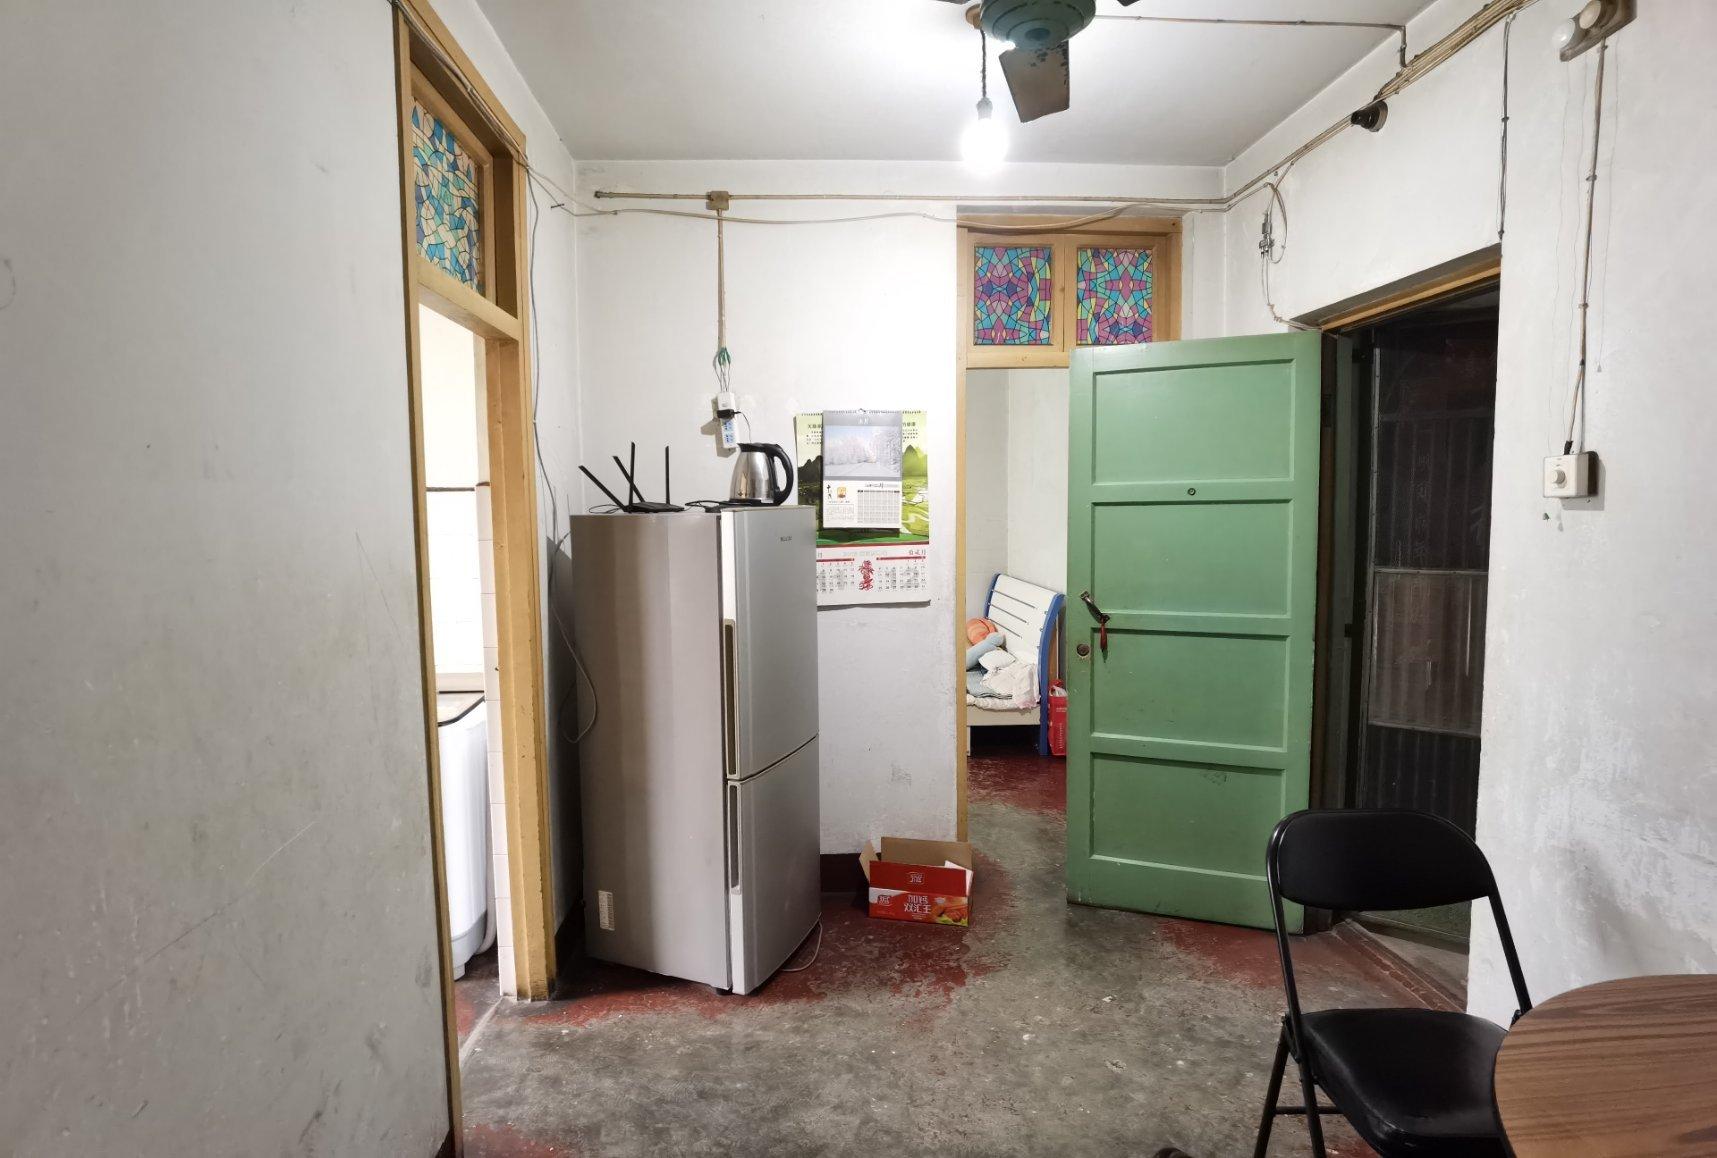 二院 啤酒厂家属院 简装2室 61平 单价4千7 可按揭可谈